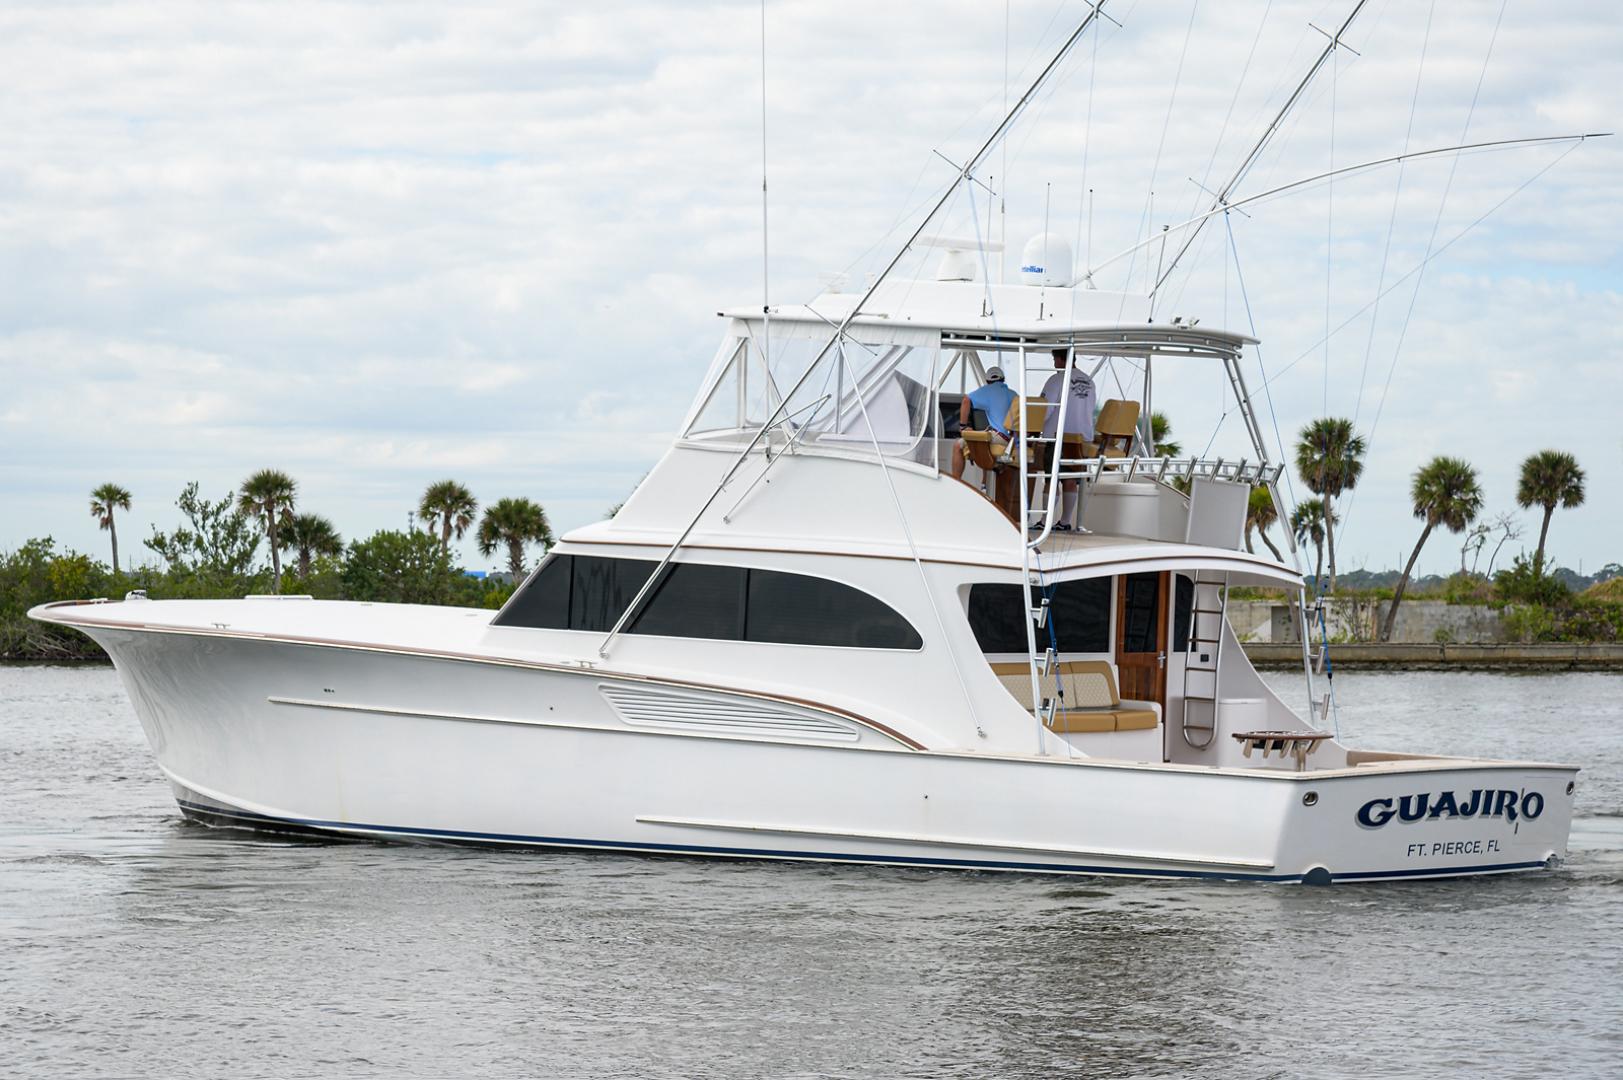 Sunny Briggs-Custom Sportfisherman 2000-Guajiro Stuart-Florida-United States-1578965 | Thumbnail